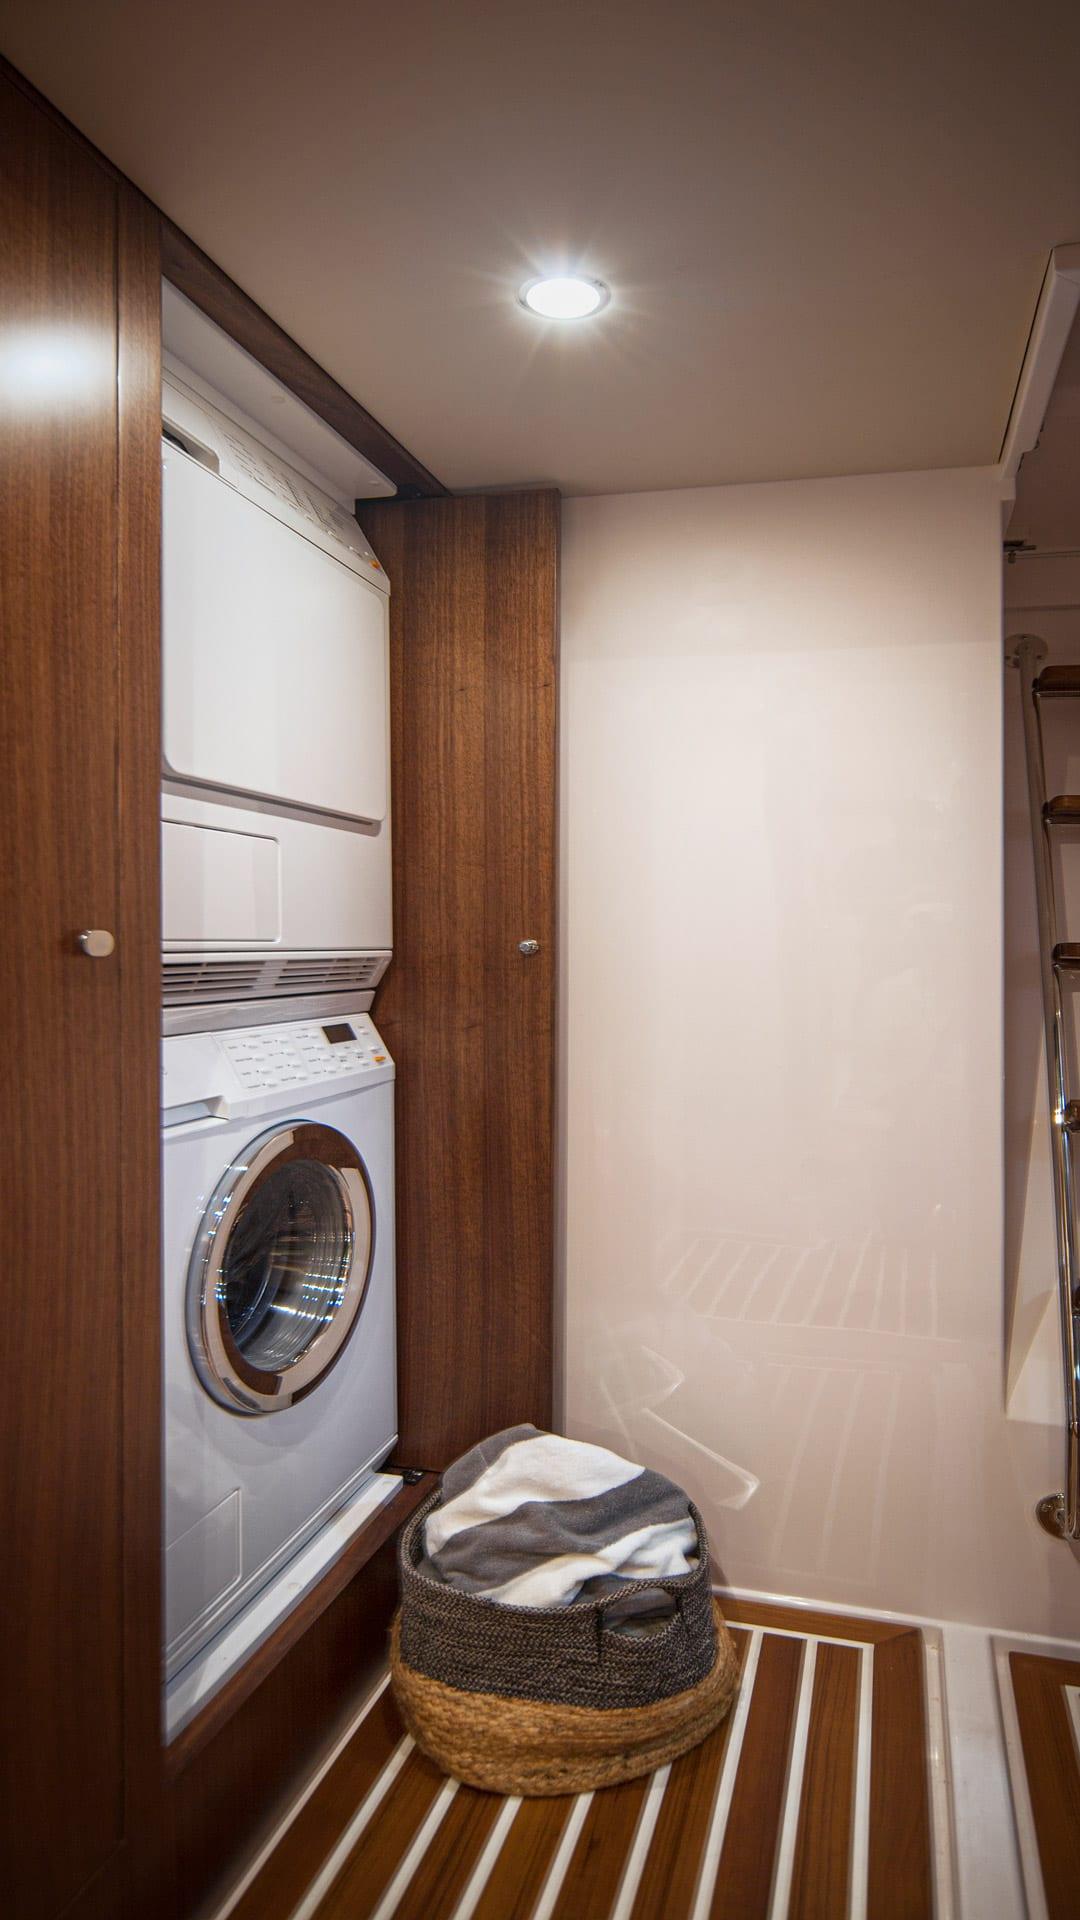 Belize 66 Daybridge Laundry 01 – Satin Walnut Timber Finish